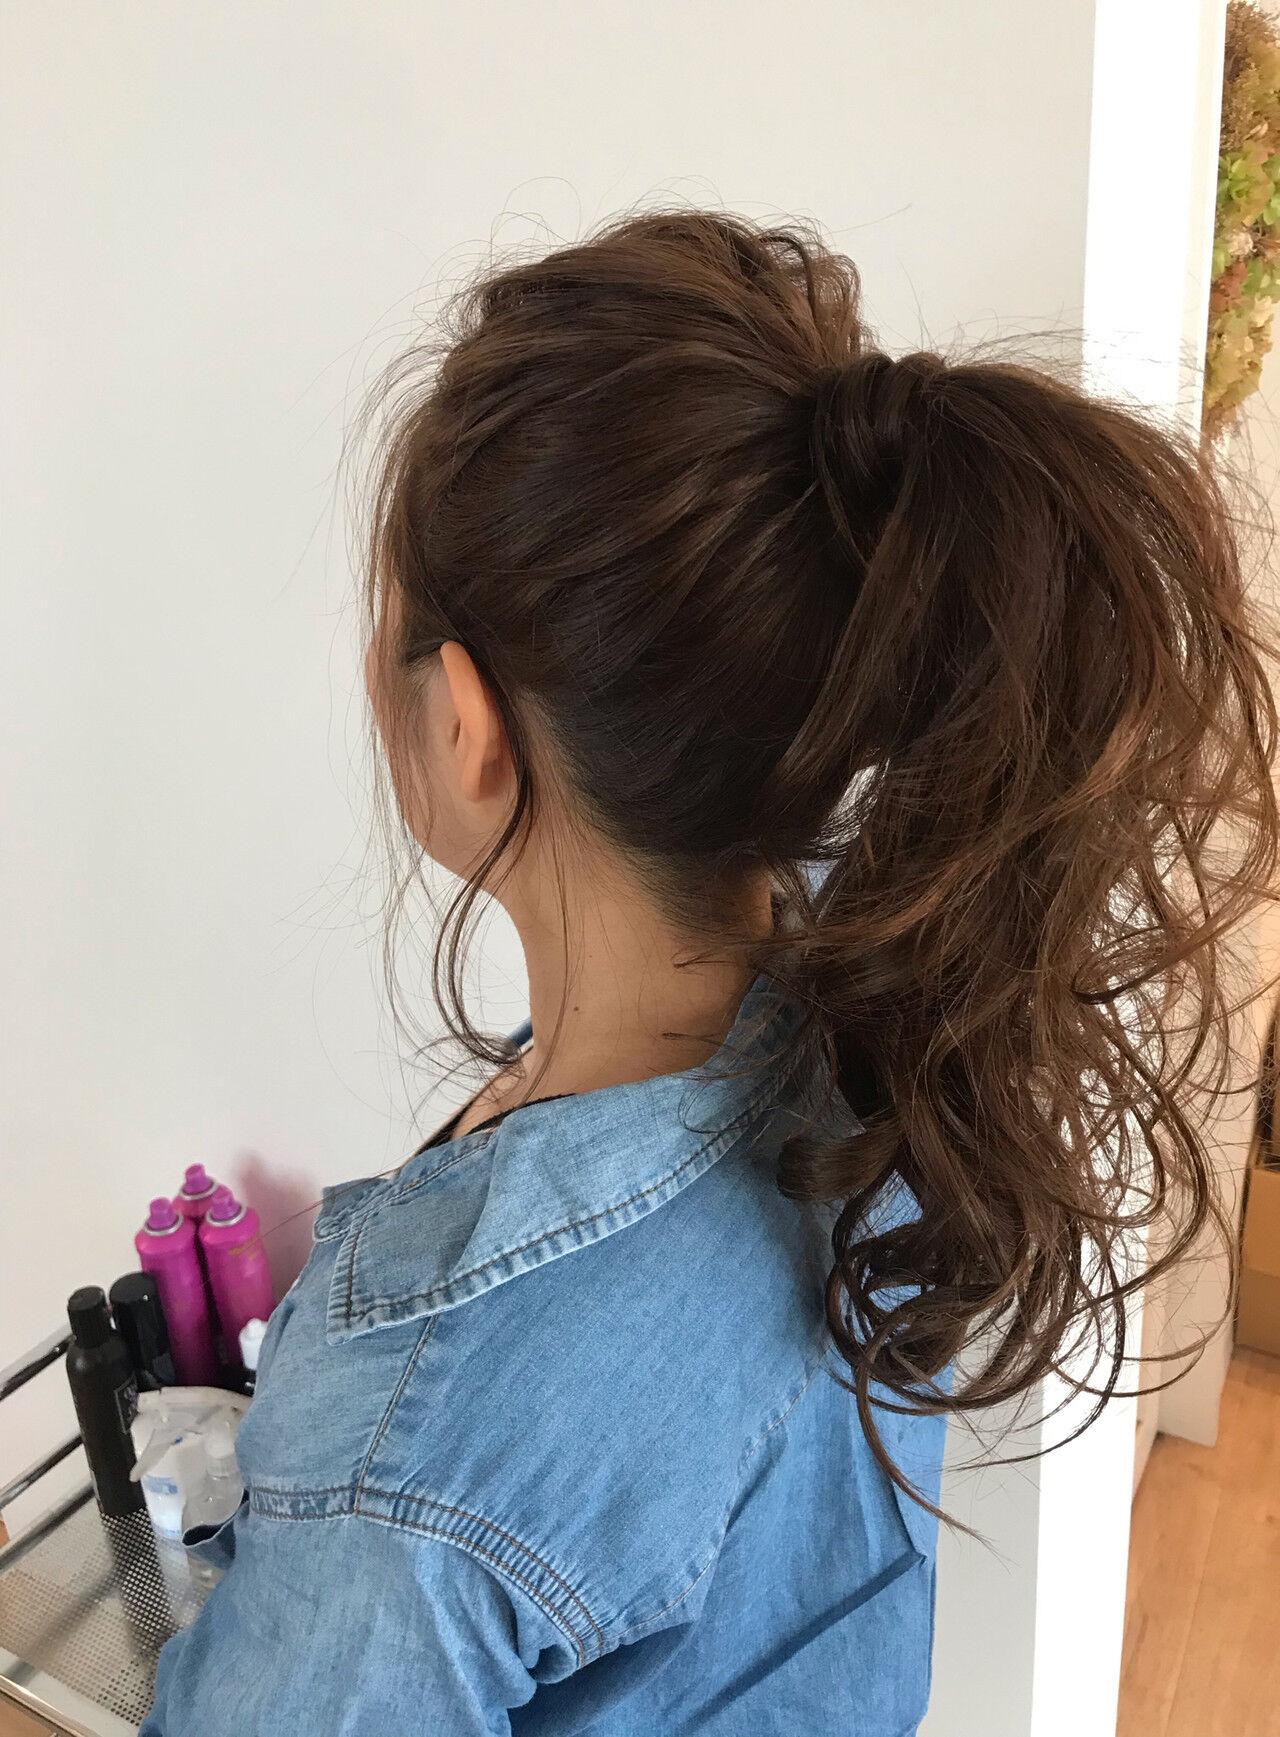 ナチュラル 簡単ヘアアレンジ アウトドア デートヘアスタイルや髪型の写真・画像